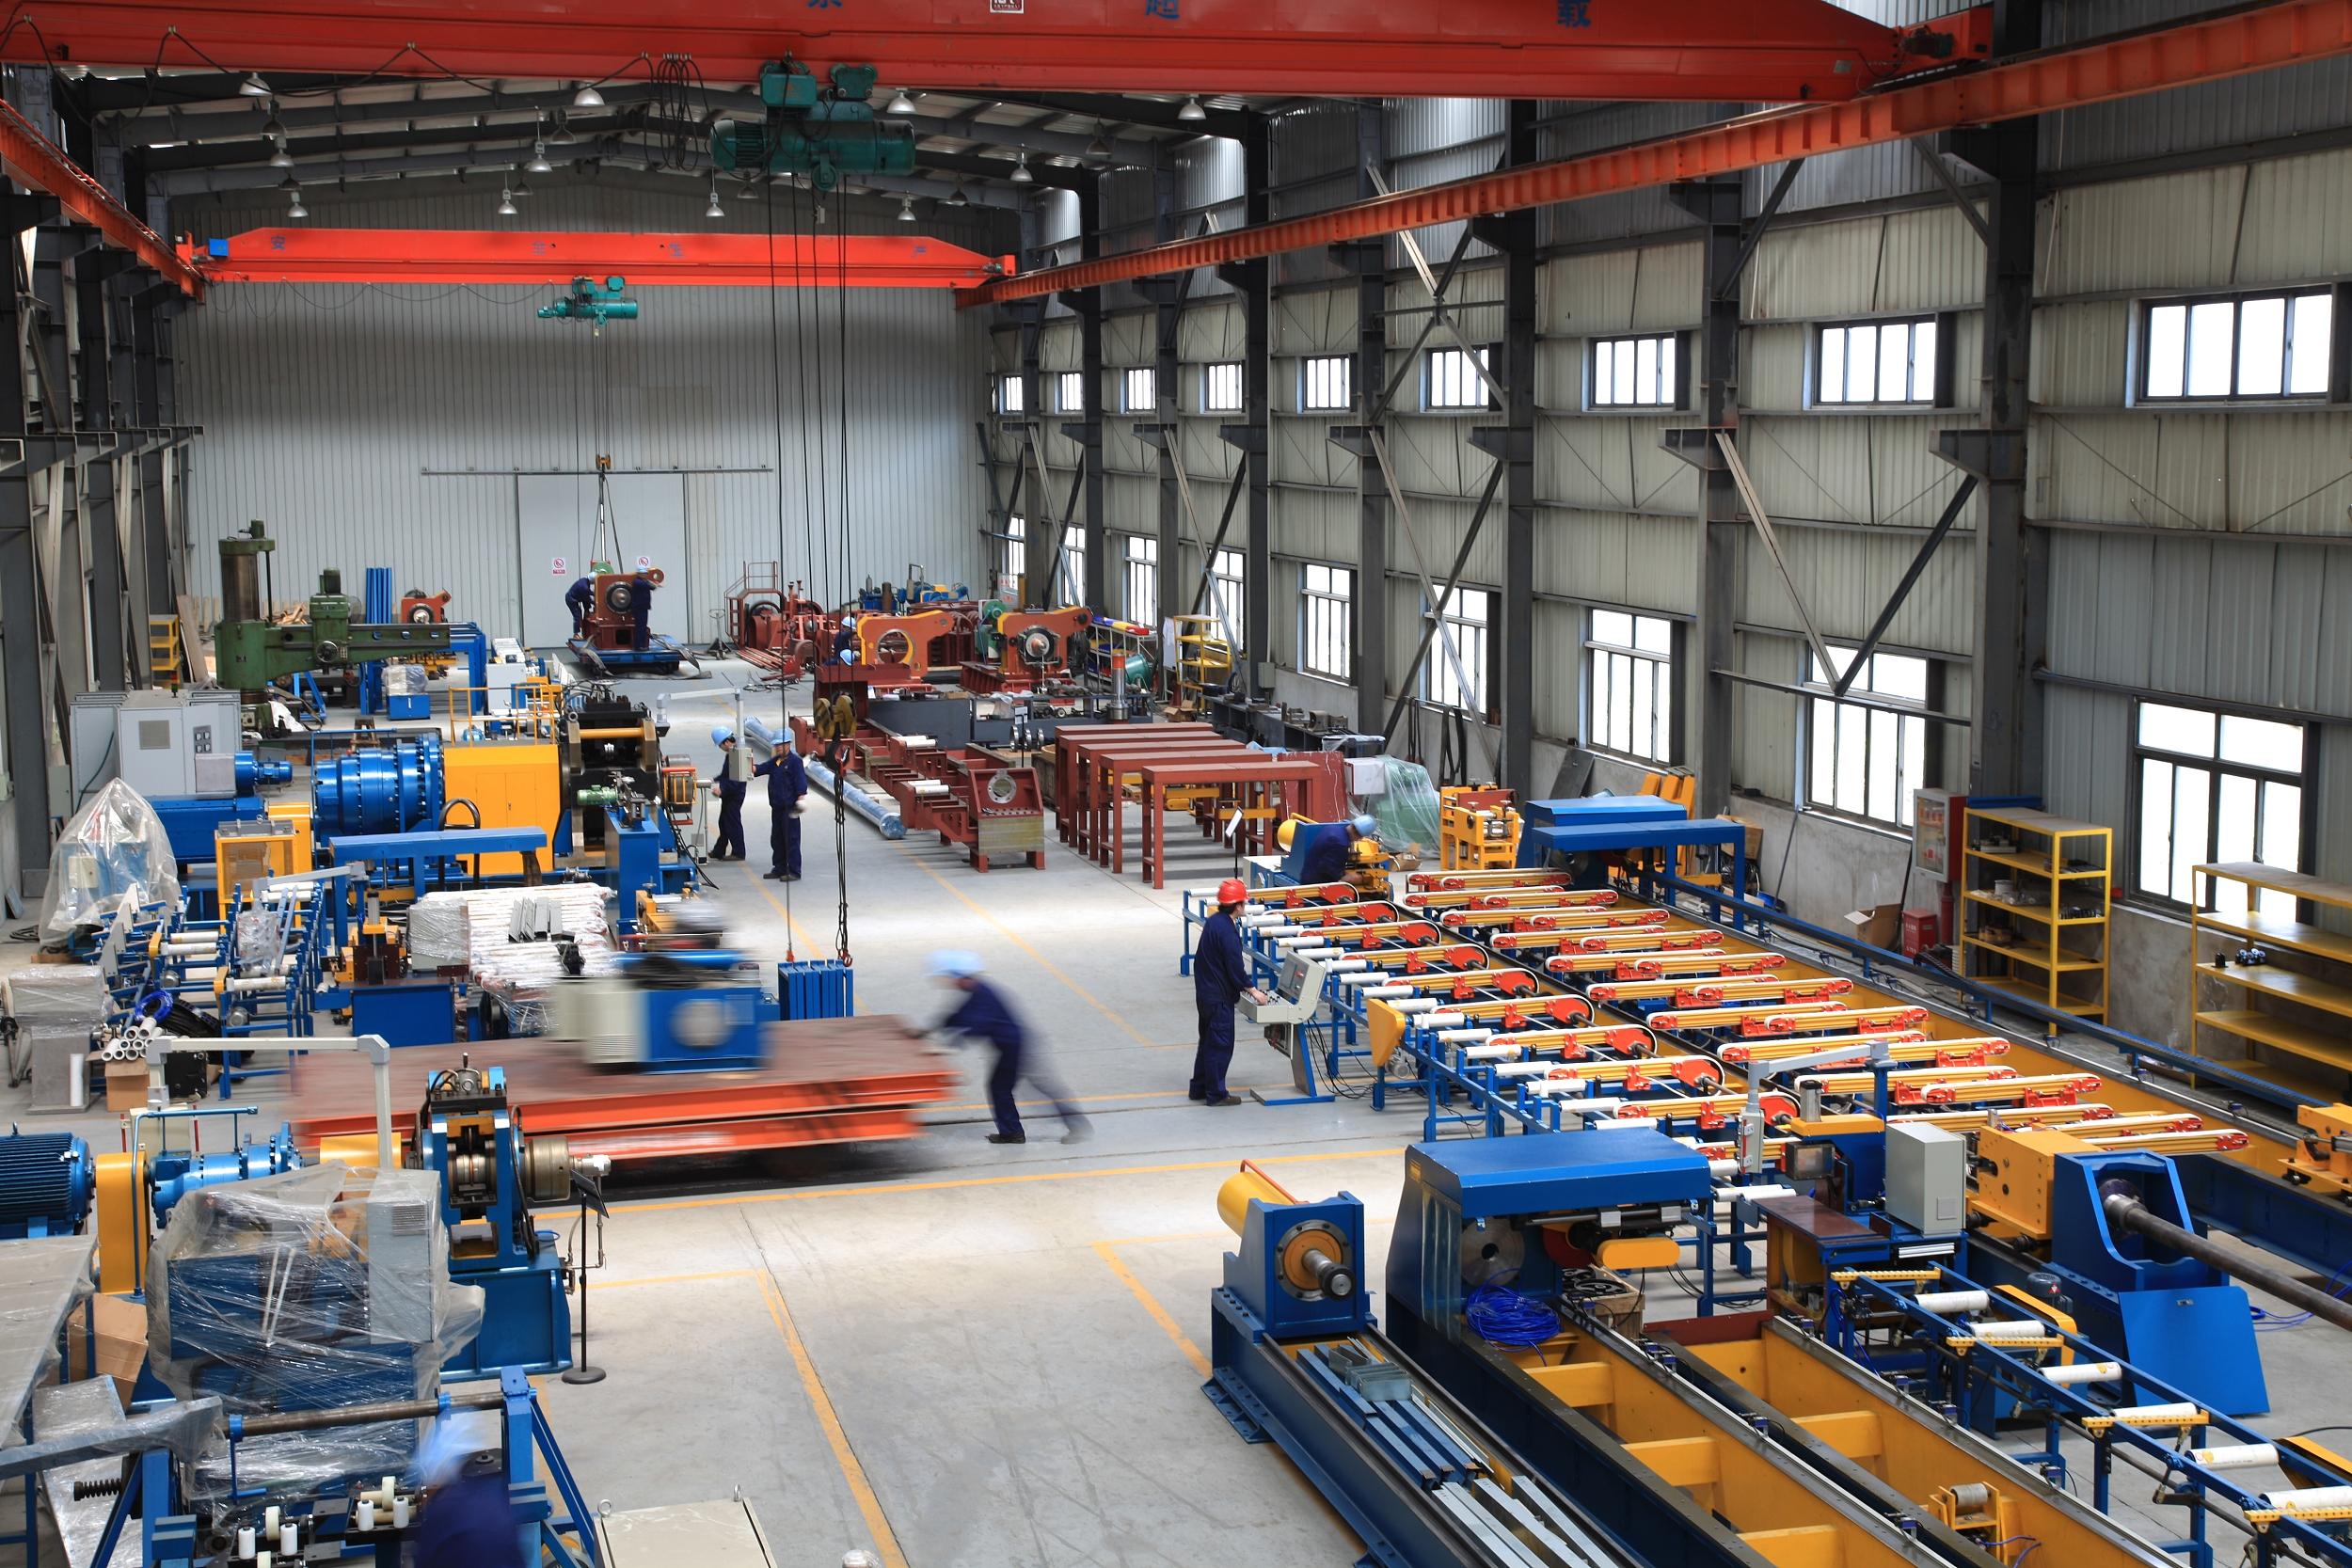 中国4月规模以上工业企业利润同比增长57%,保持较快增长